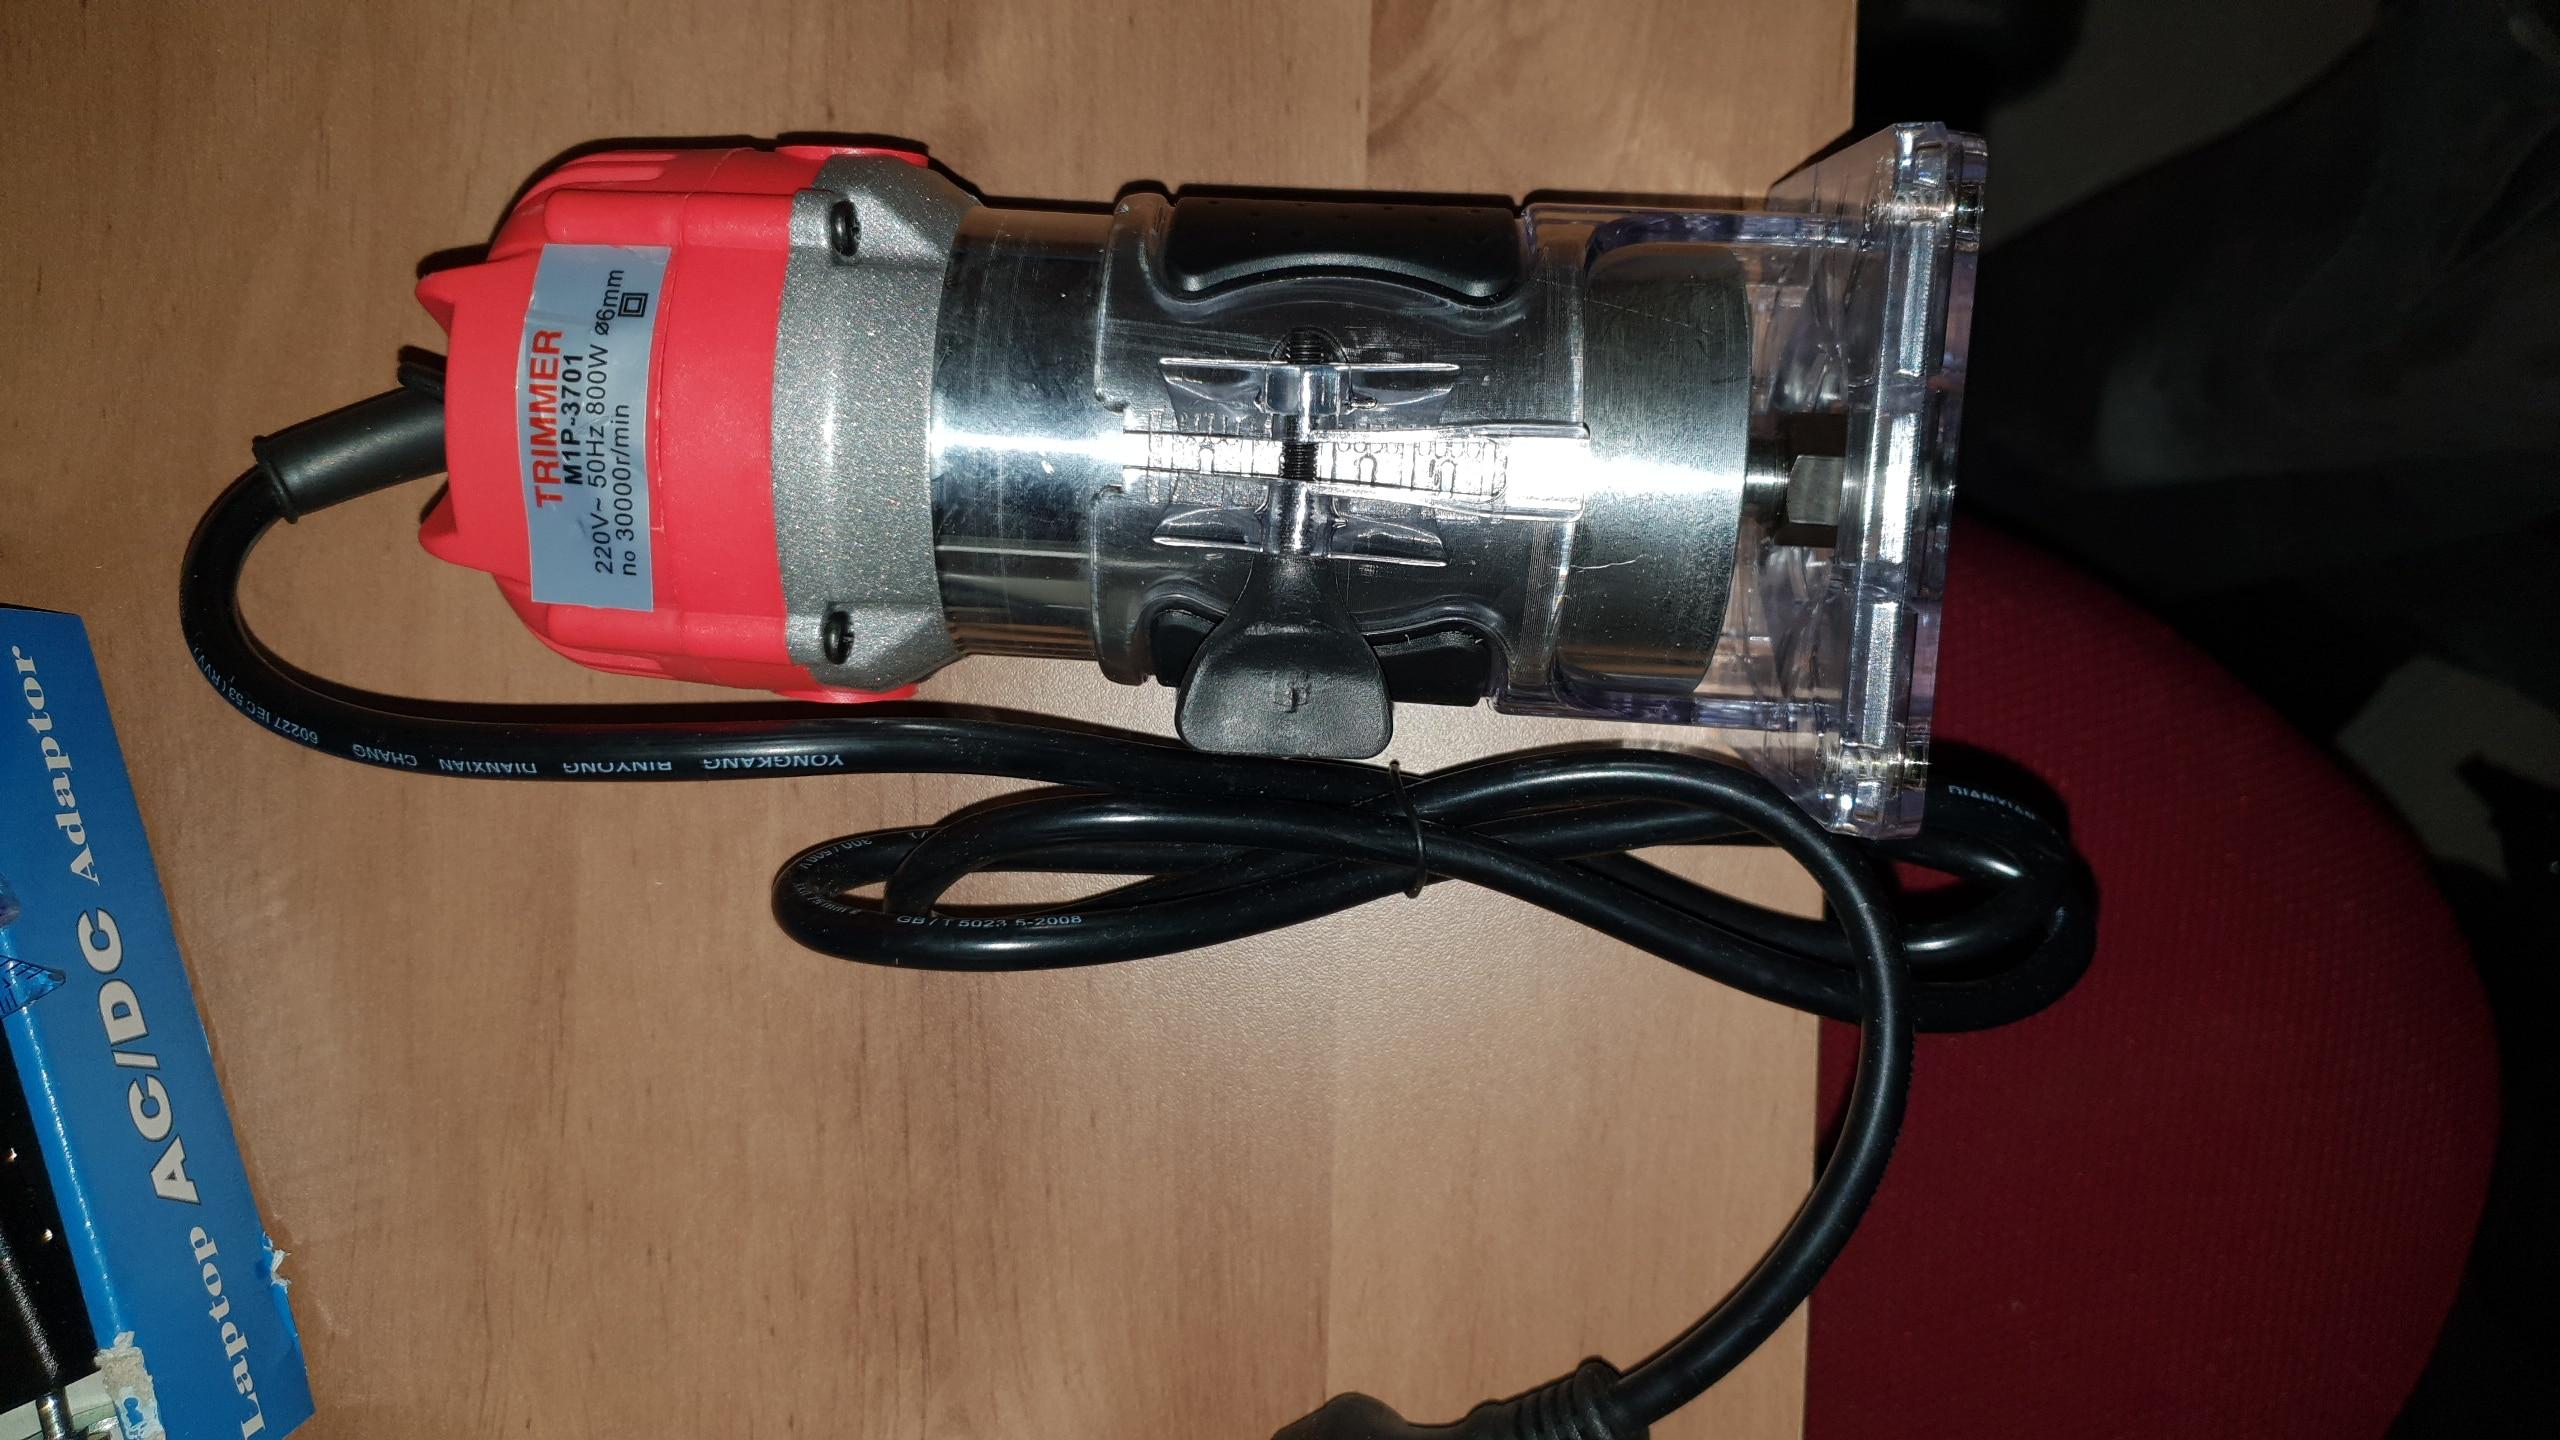 линейных перемещений; Номинальная потребляемая мощность:: 650 (Вт); линейных перемещений; адаптер конвертера штепсельной вилки стены;